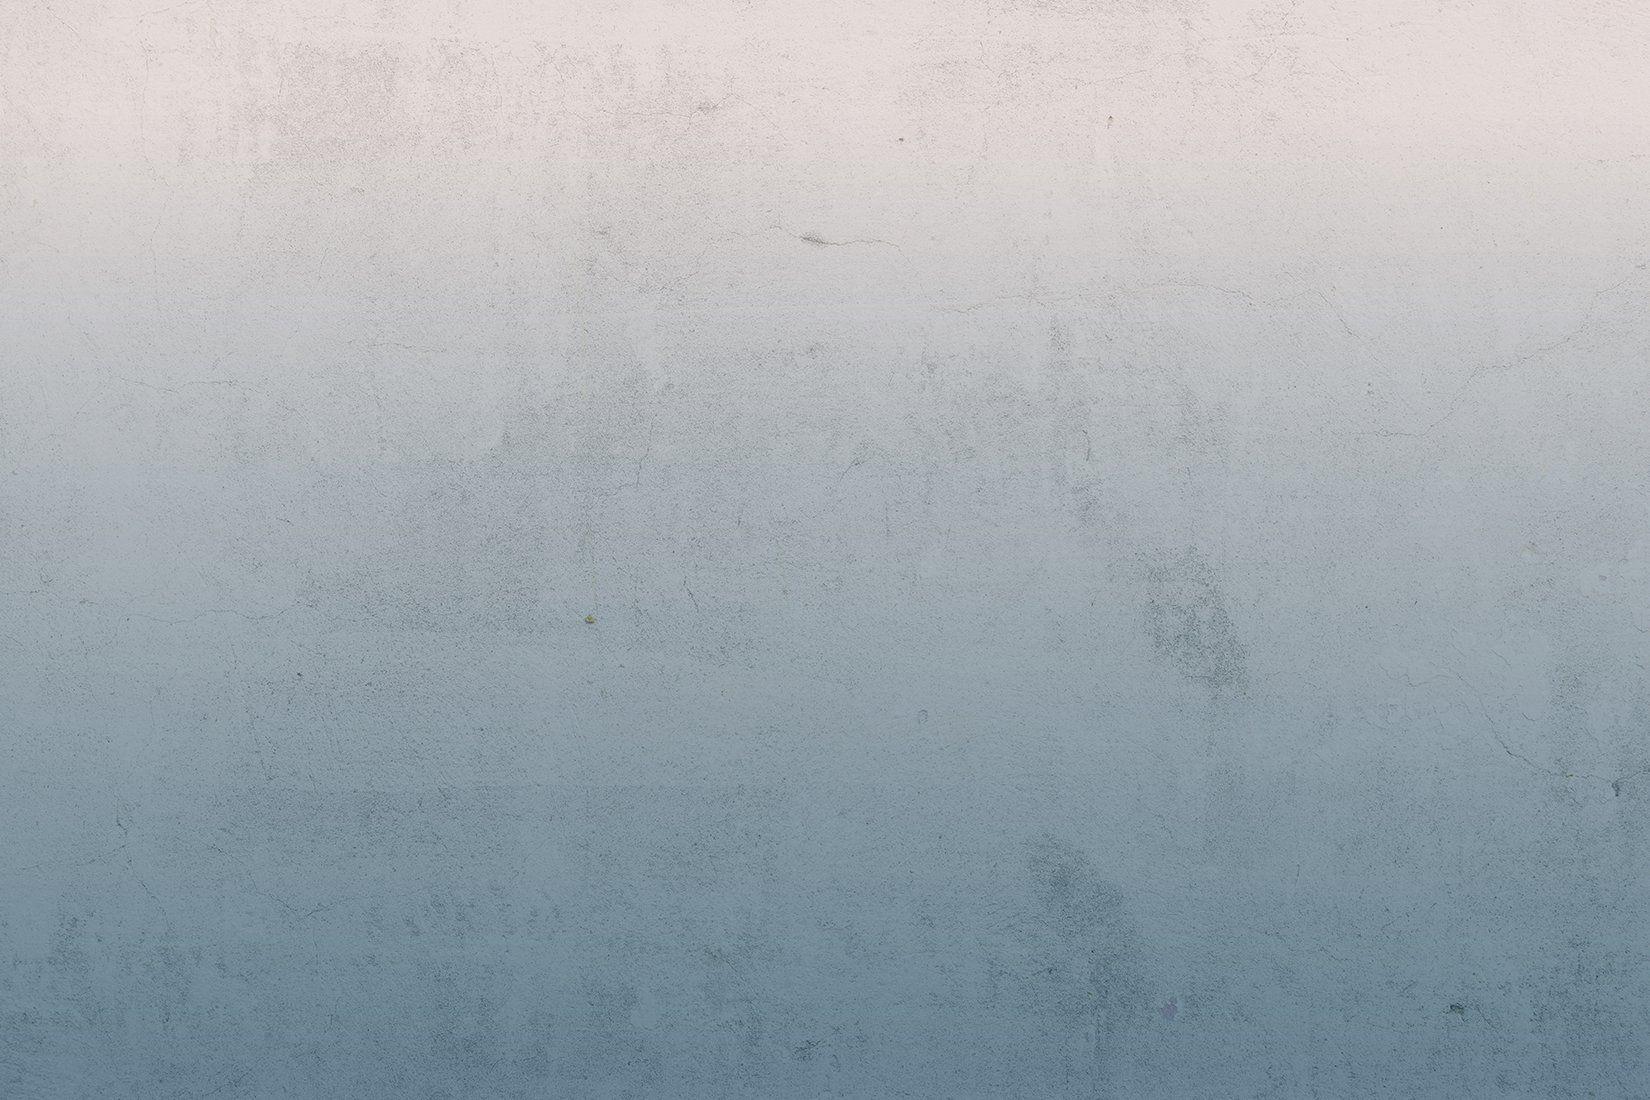 Fantastisch Verspüren Sie Mit Unserer Meer Dunst Ombré Blau Tapete Eine Meeresbriese  Direkt